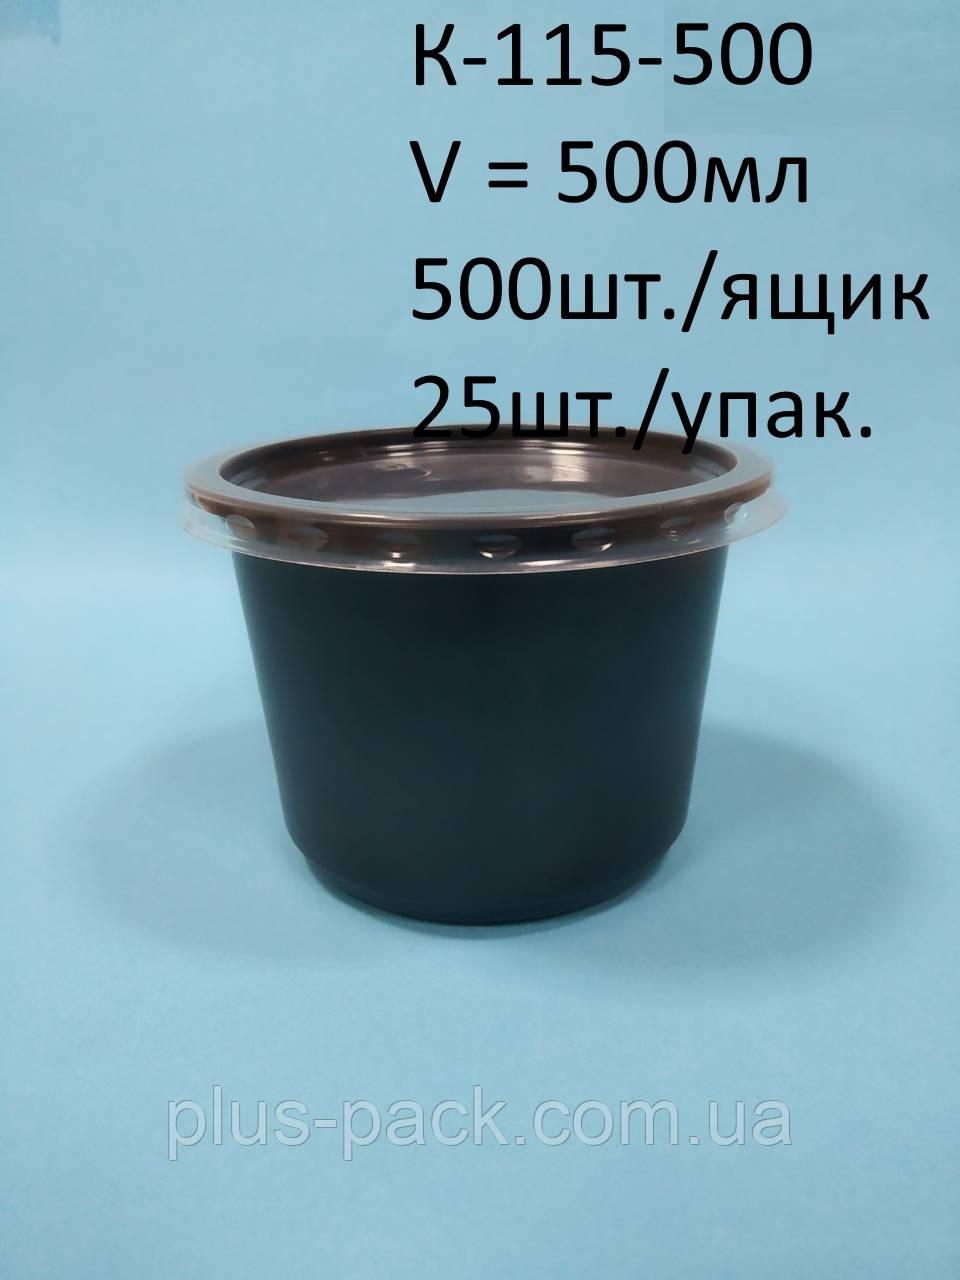 Одноразовая упаковка для первых блюд К-115-500